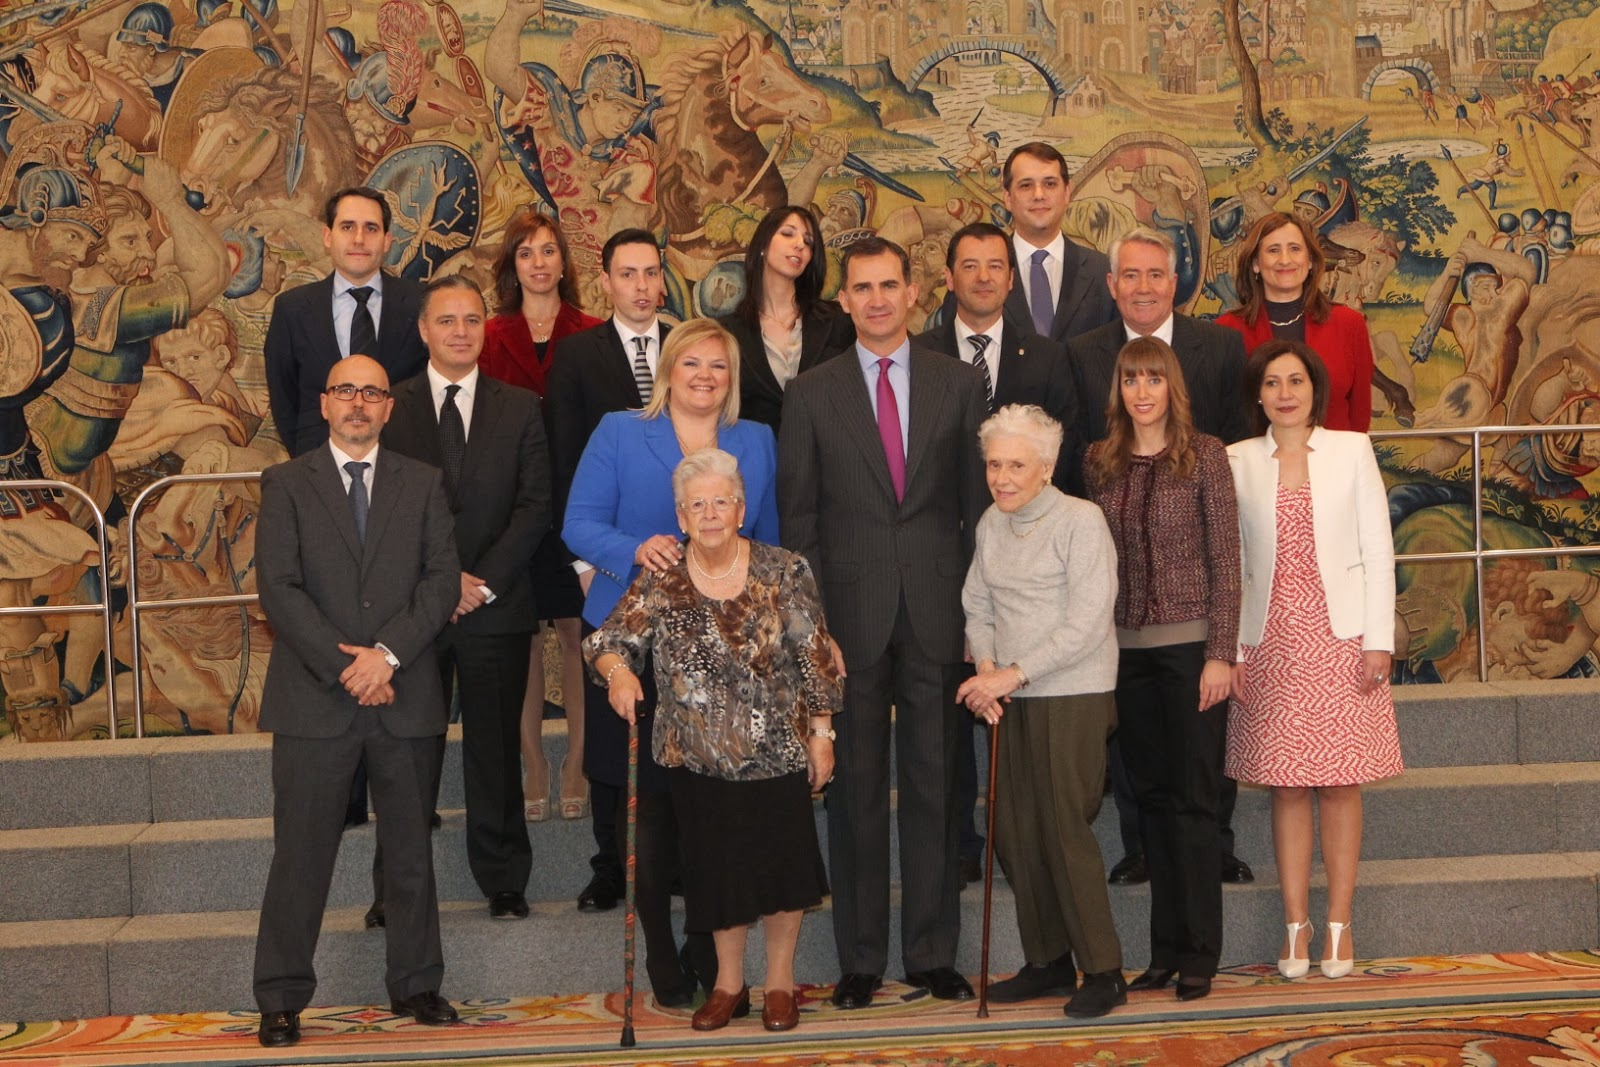 S.A.R. el Príncipe Don Felipe ha recibido a una representación de la Fundación Catalina Hoffmann y el Grupo Vitalia, Vitalia Alcalá de Henares, Mónica López Bordón